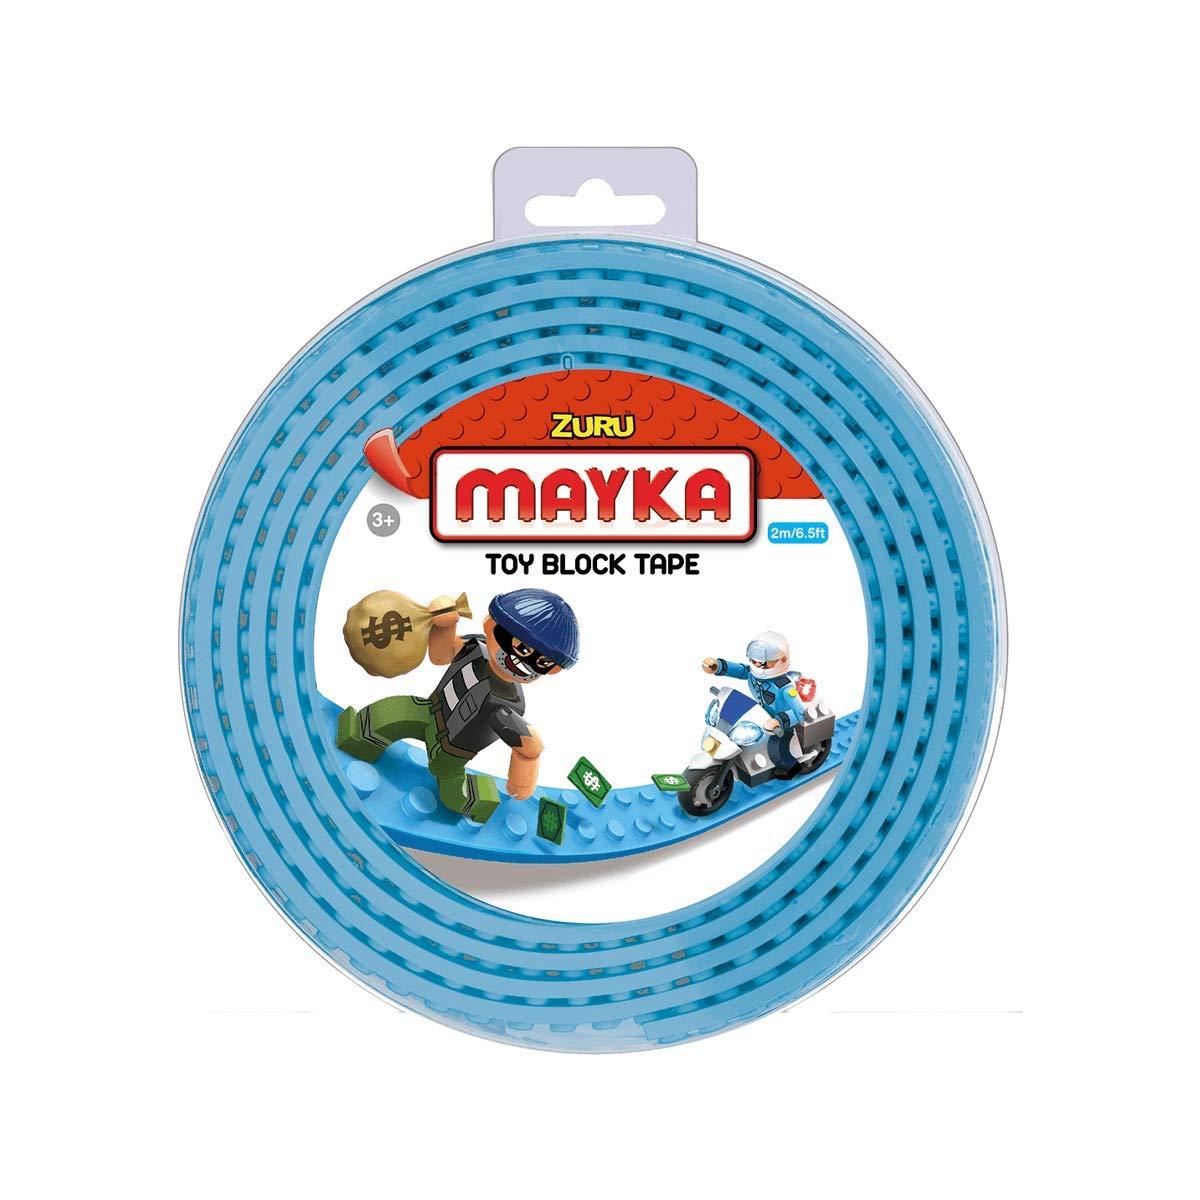 Zuru Mayka Tape - 2 Stud Light Blue 2 Metres: Amazon.co.uk: Toys & Games